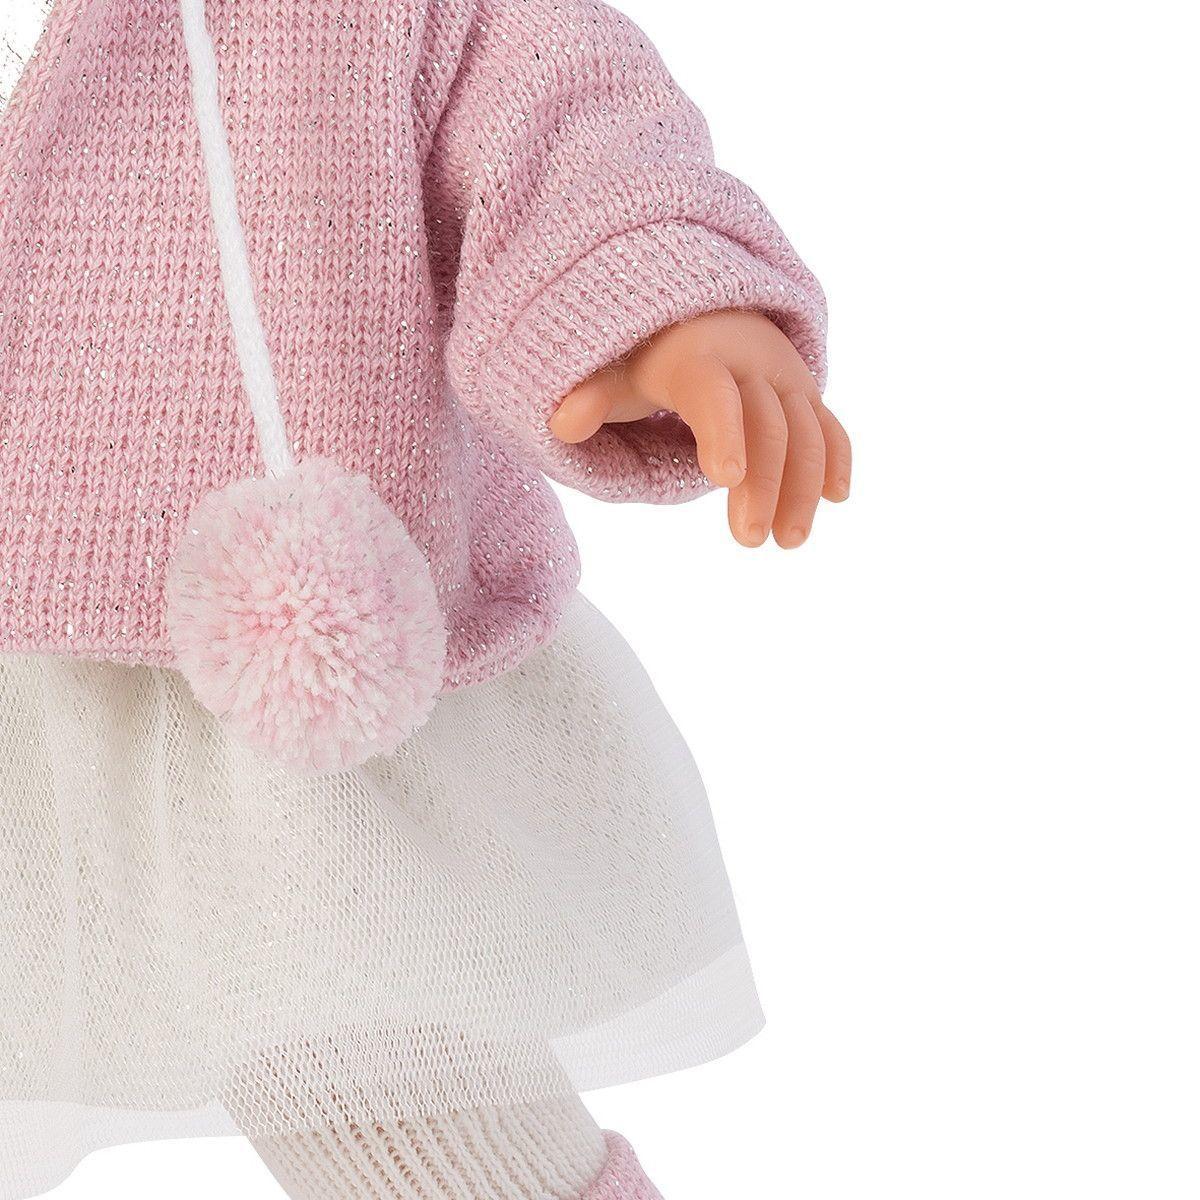 Кукла Llorens Сара шатенка в розовом жакете и белой кружевной юбке - фото 5